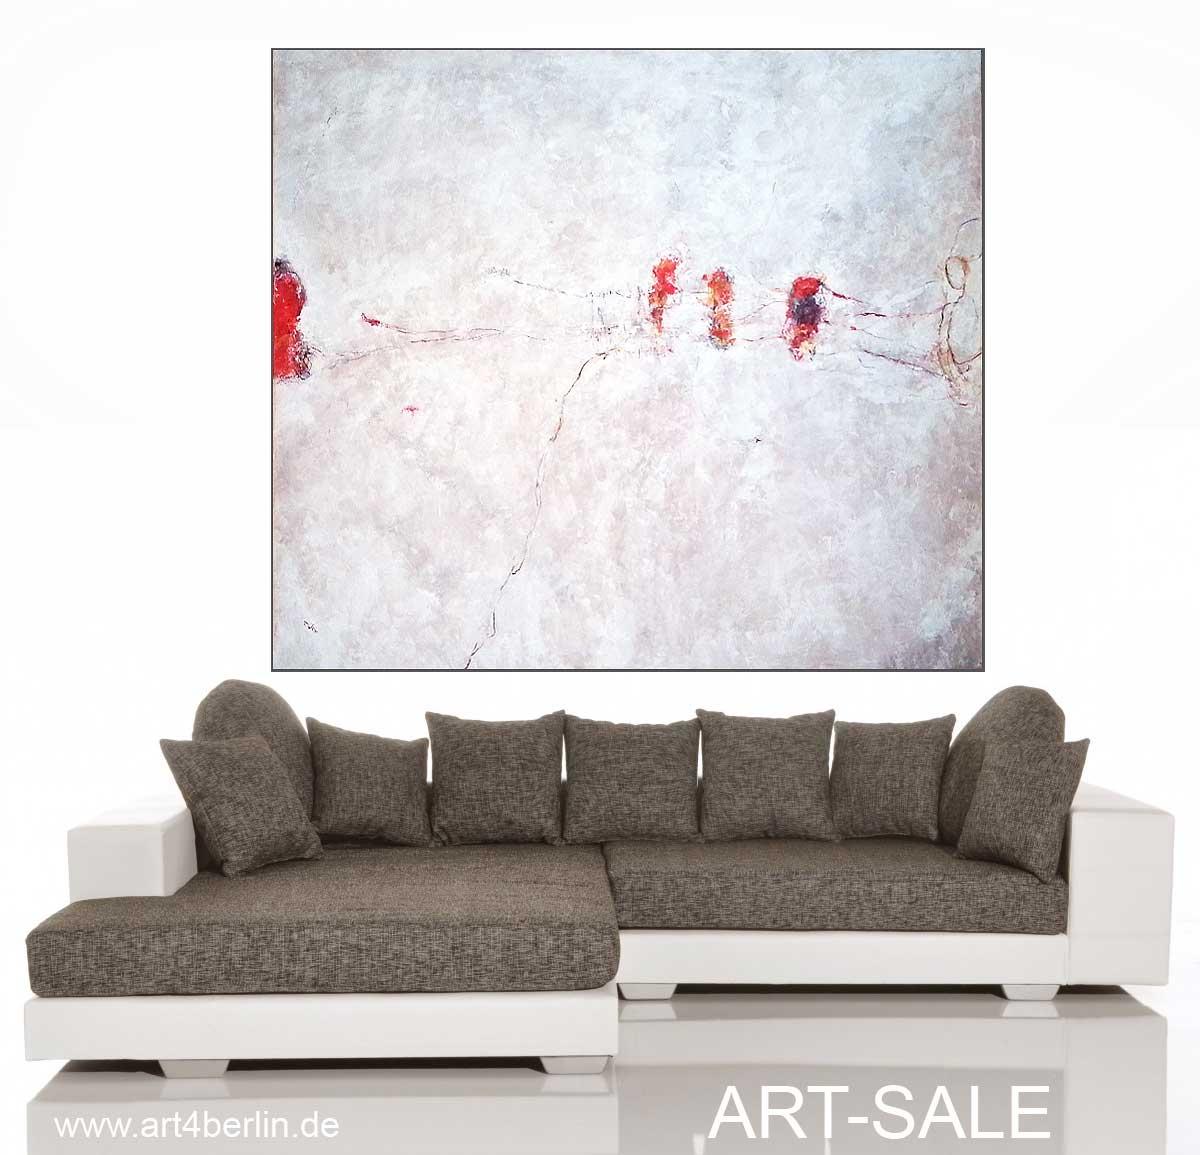 virtuelle-galerie-kunst-kaufen-im-internet